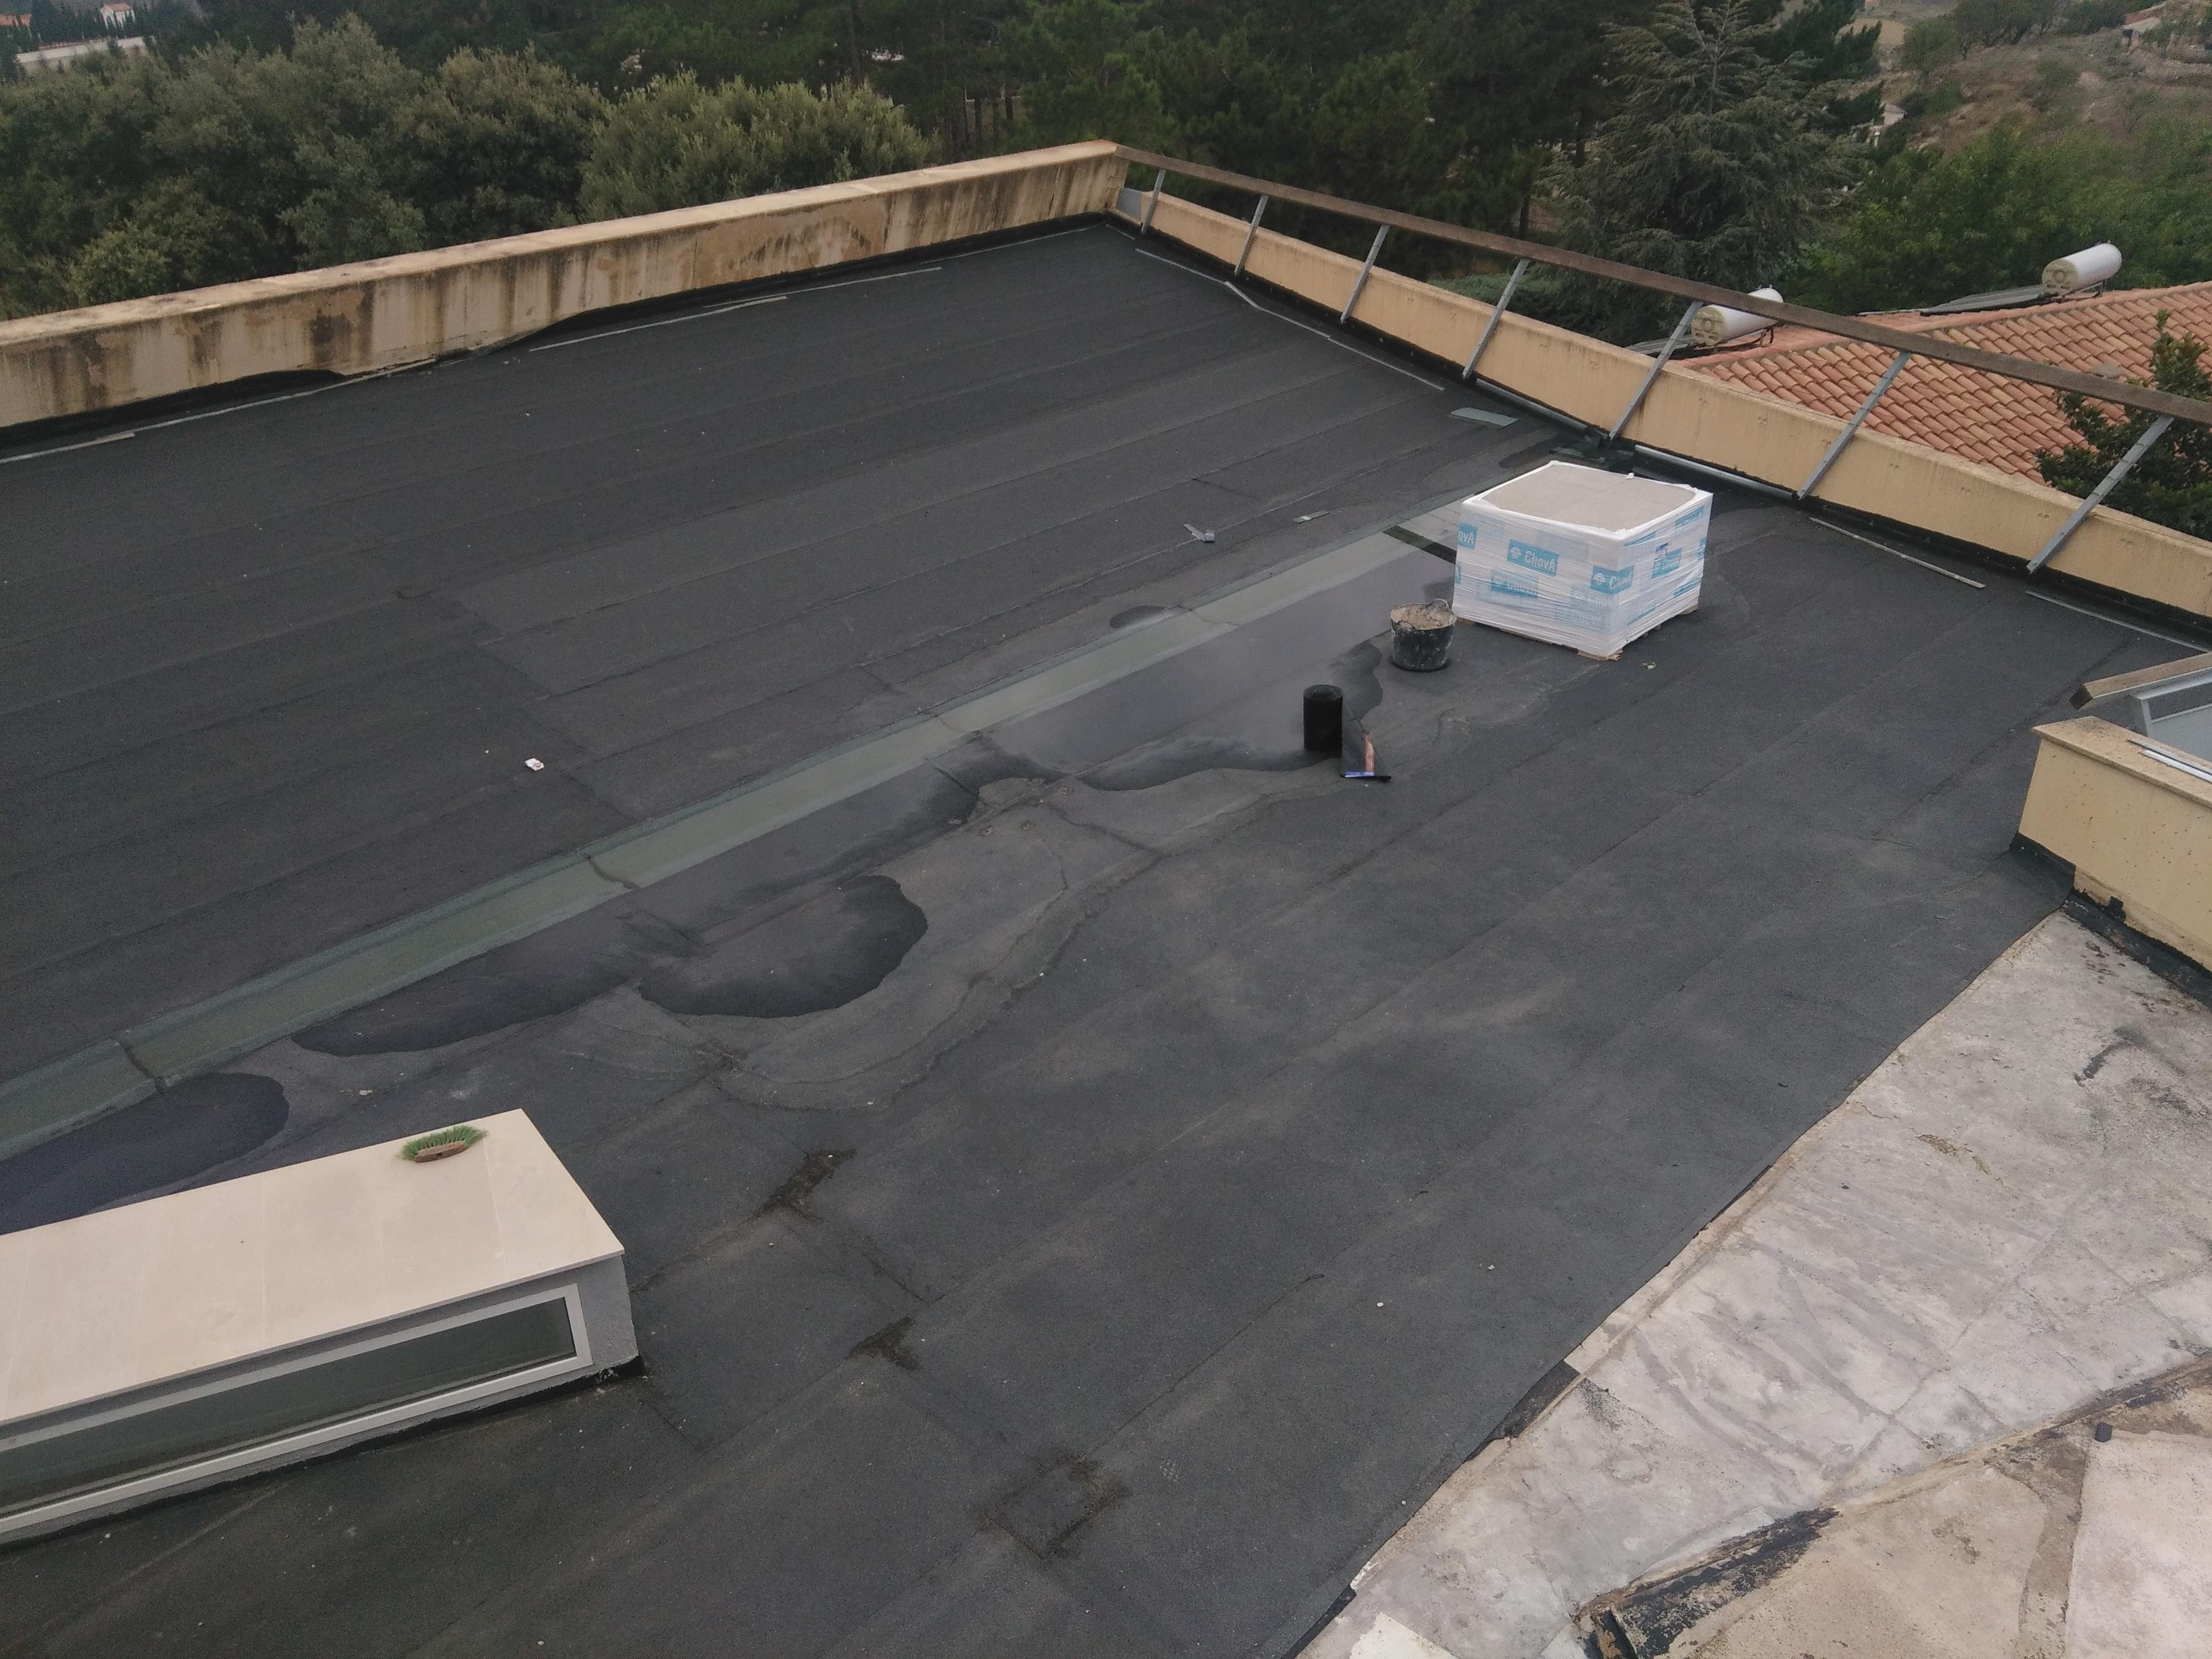 Tecnica de impermeabilizar deepthroaters - Impermeabilizantes para terrazas ...